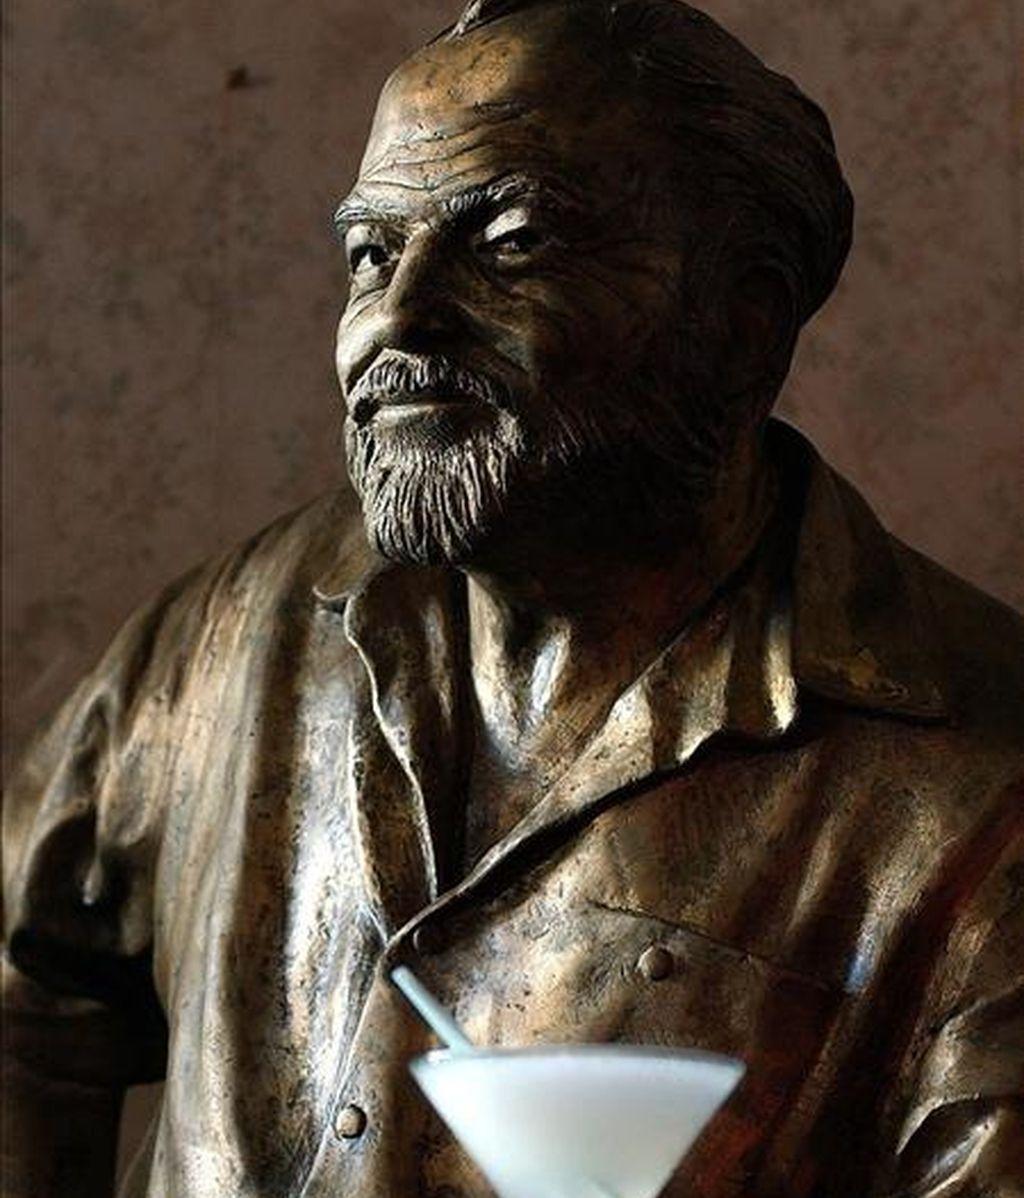 El programa del evento, que se extenderá hasta el próximo domingo, incluye visitas a los sitios de La Habana relacionados con Hemingway, trabajos sobre sus escritos, la preservación de su legado y la influencia de Cuba en su vida y obra. EFE/Archivo